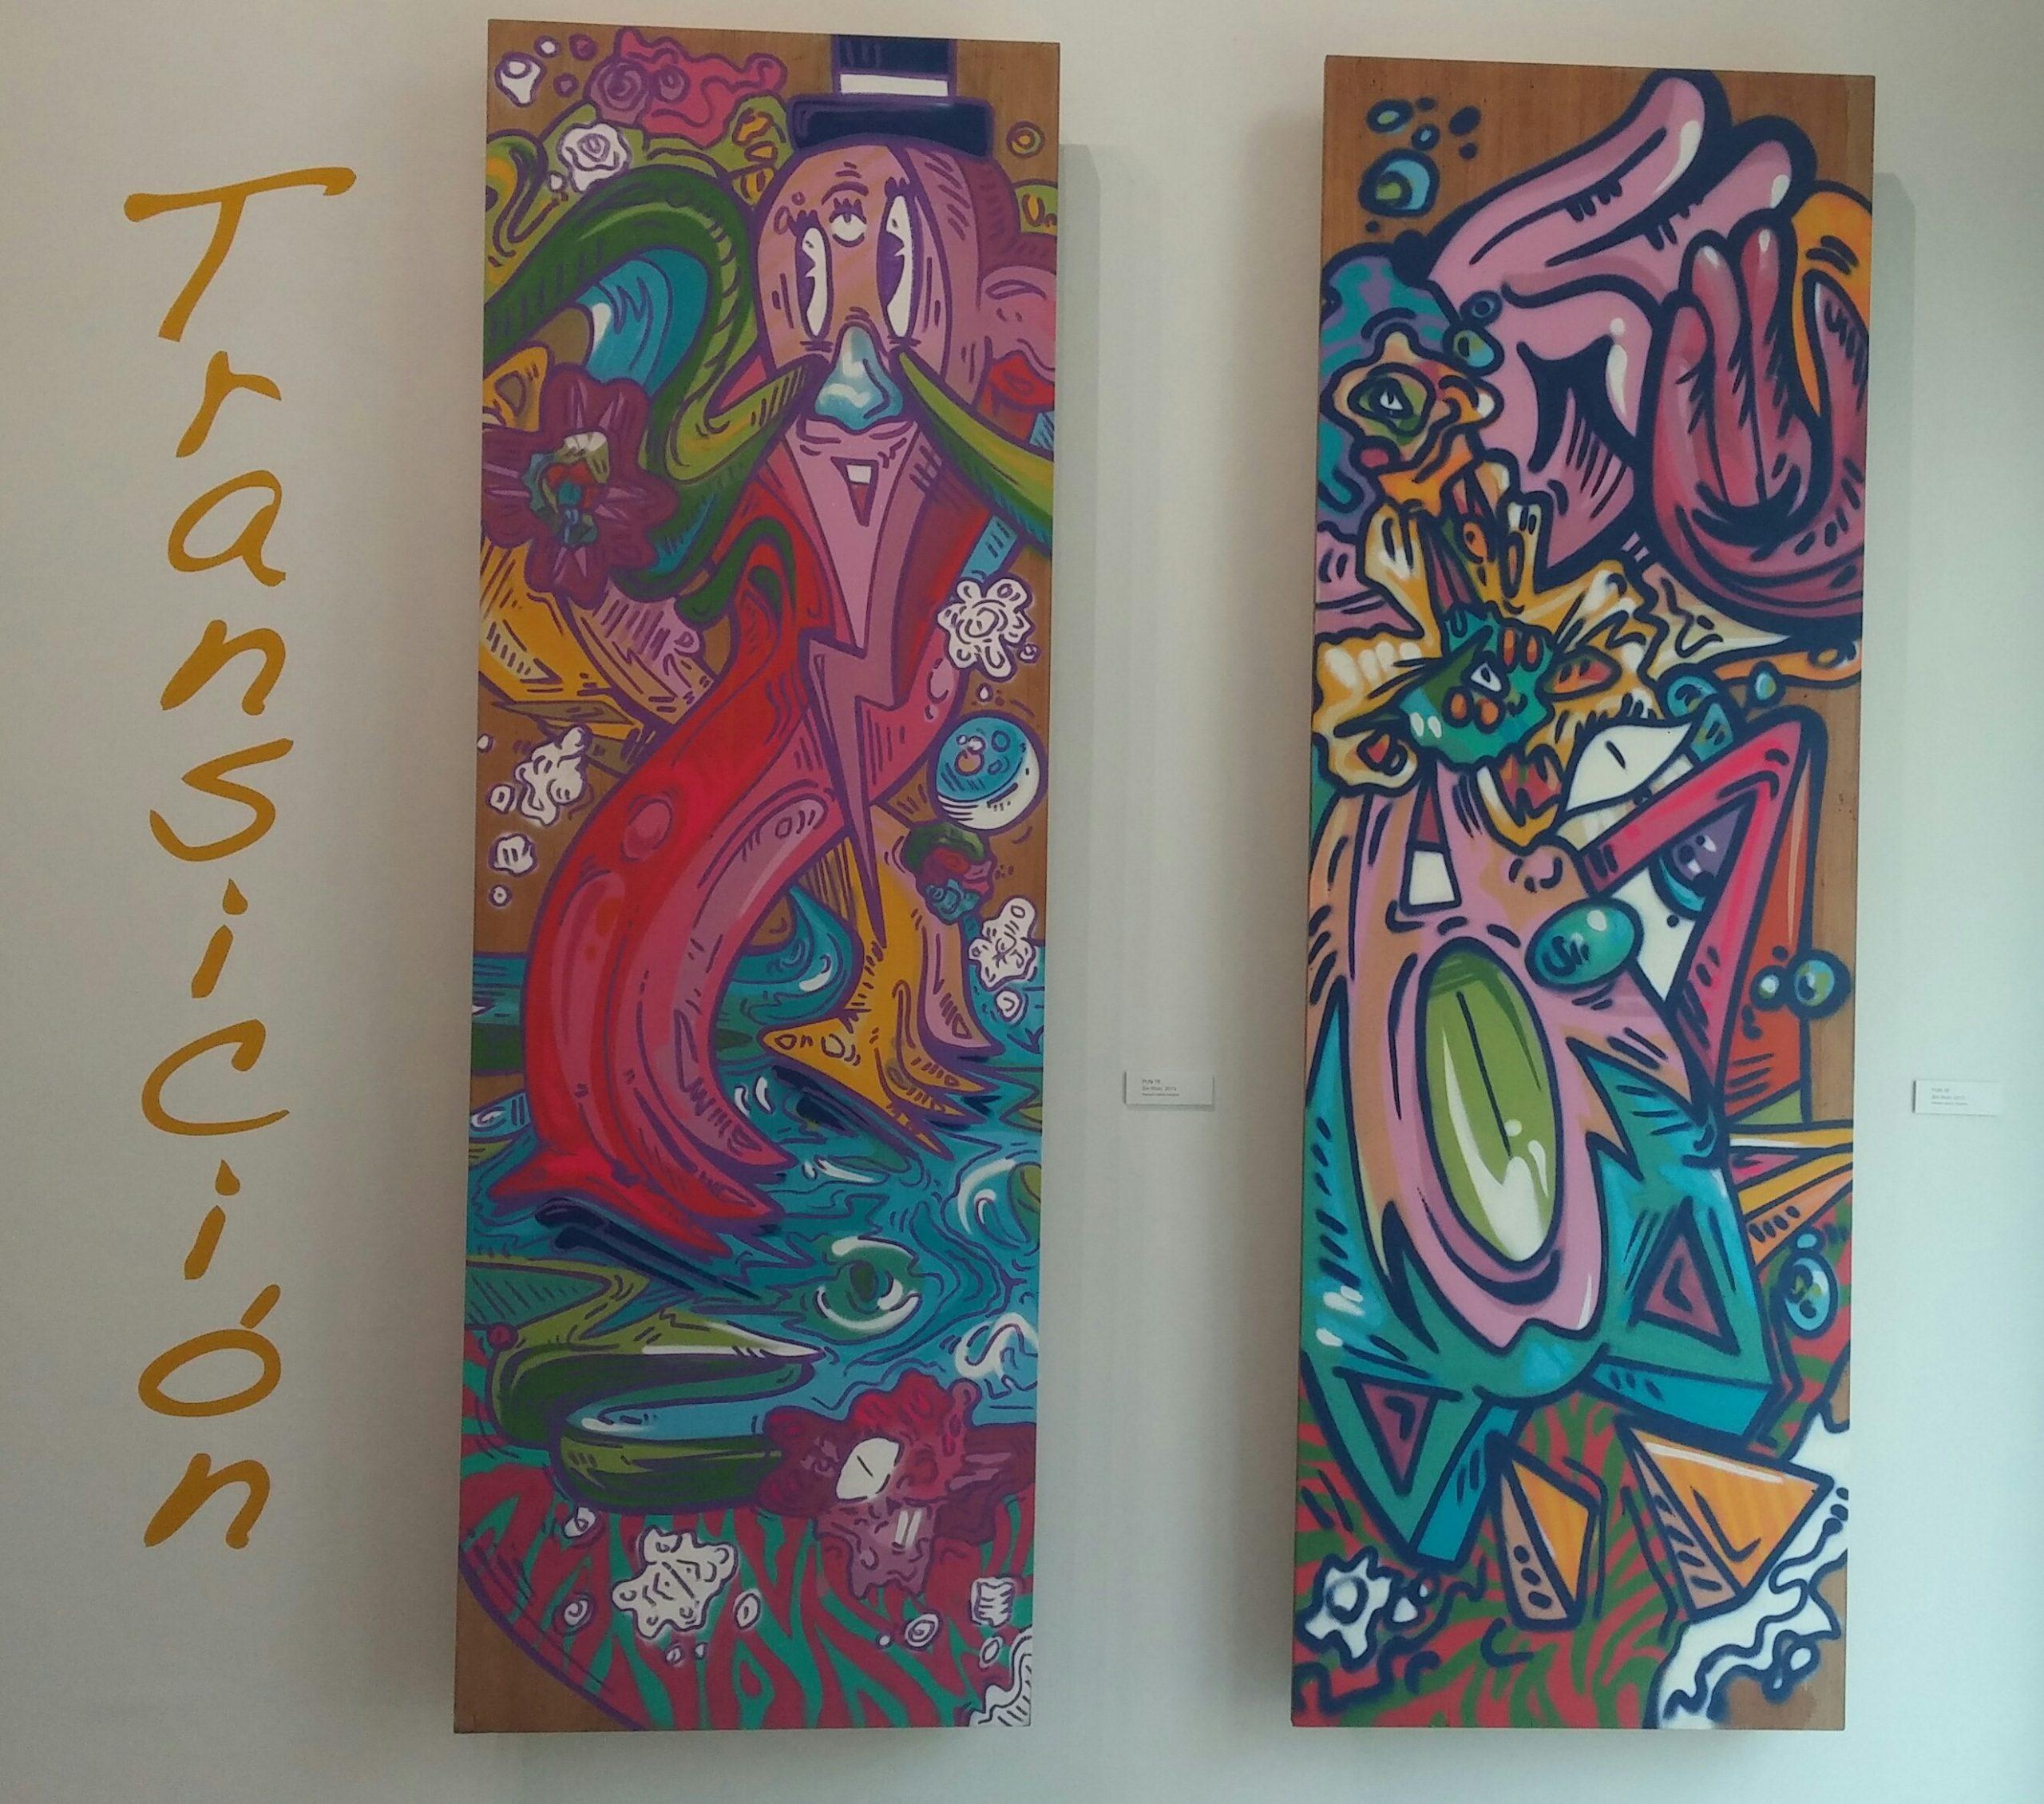 Una de las piezas creadas por Pun 18 encabeza la exposición. (Foto Gabriela Ortiz para Fundación Nacional para la Cuiltura Popular)